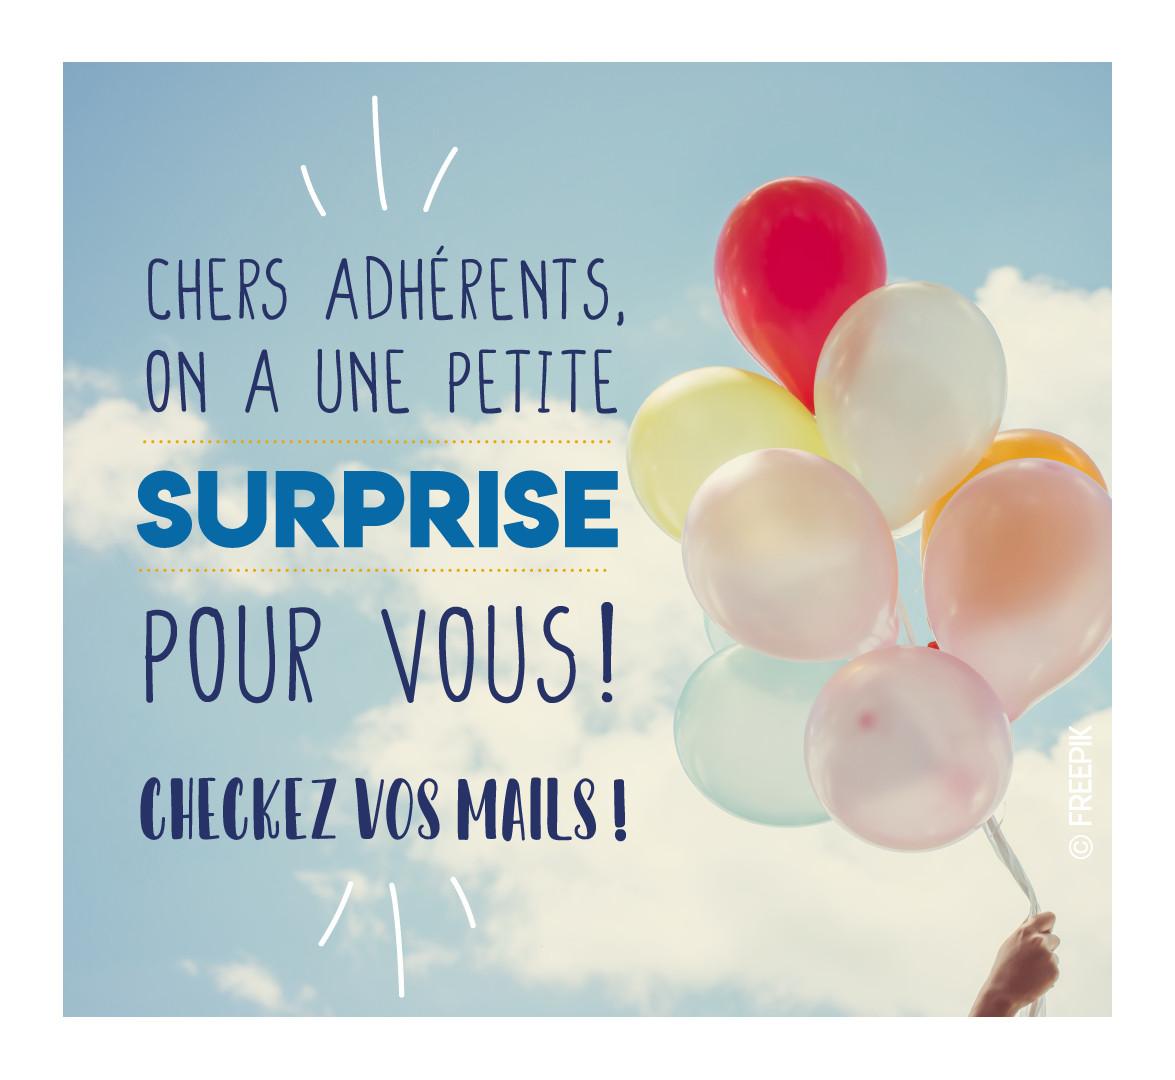 Surprise adhérents